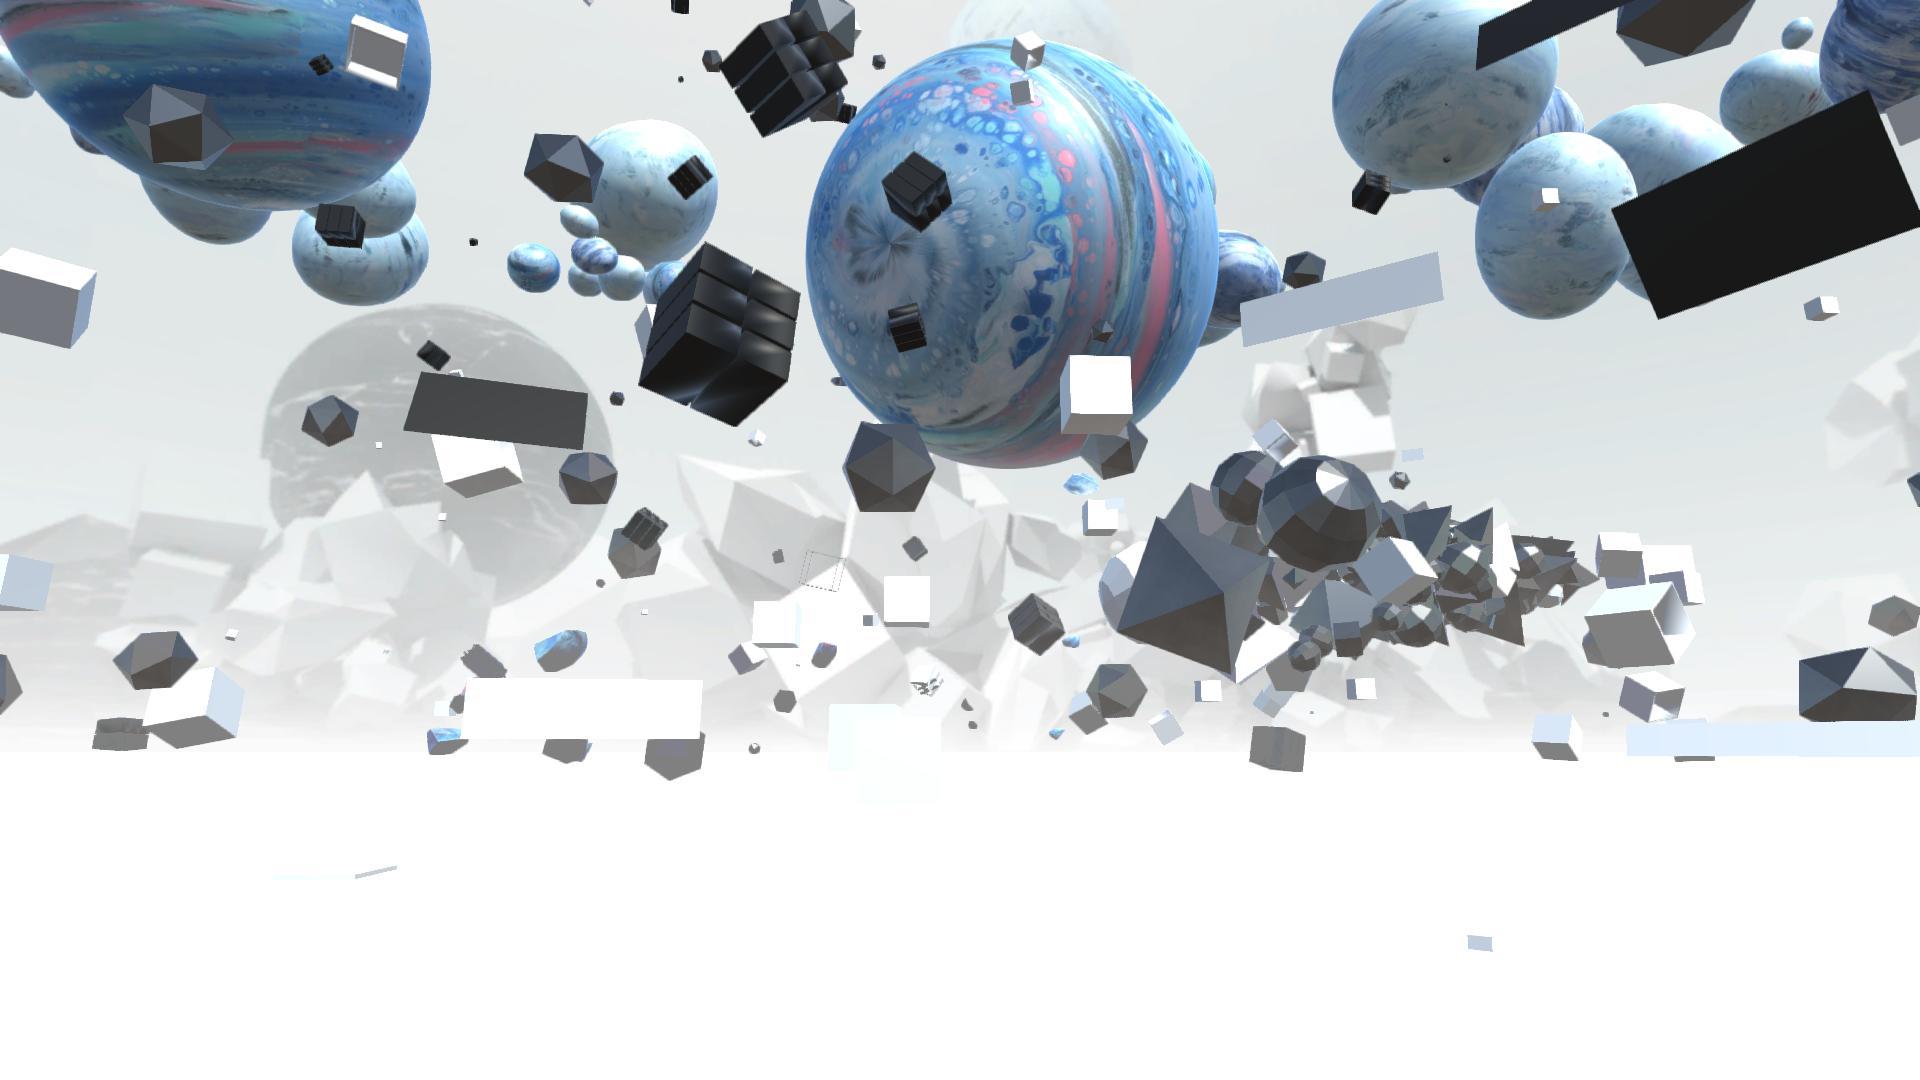 音のVR空間「ENCLOSURE」はいかにして、音と映像をマッチングさせたのか?